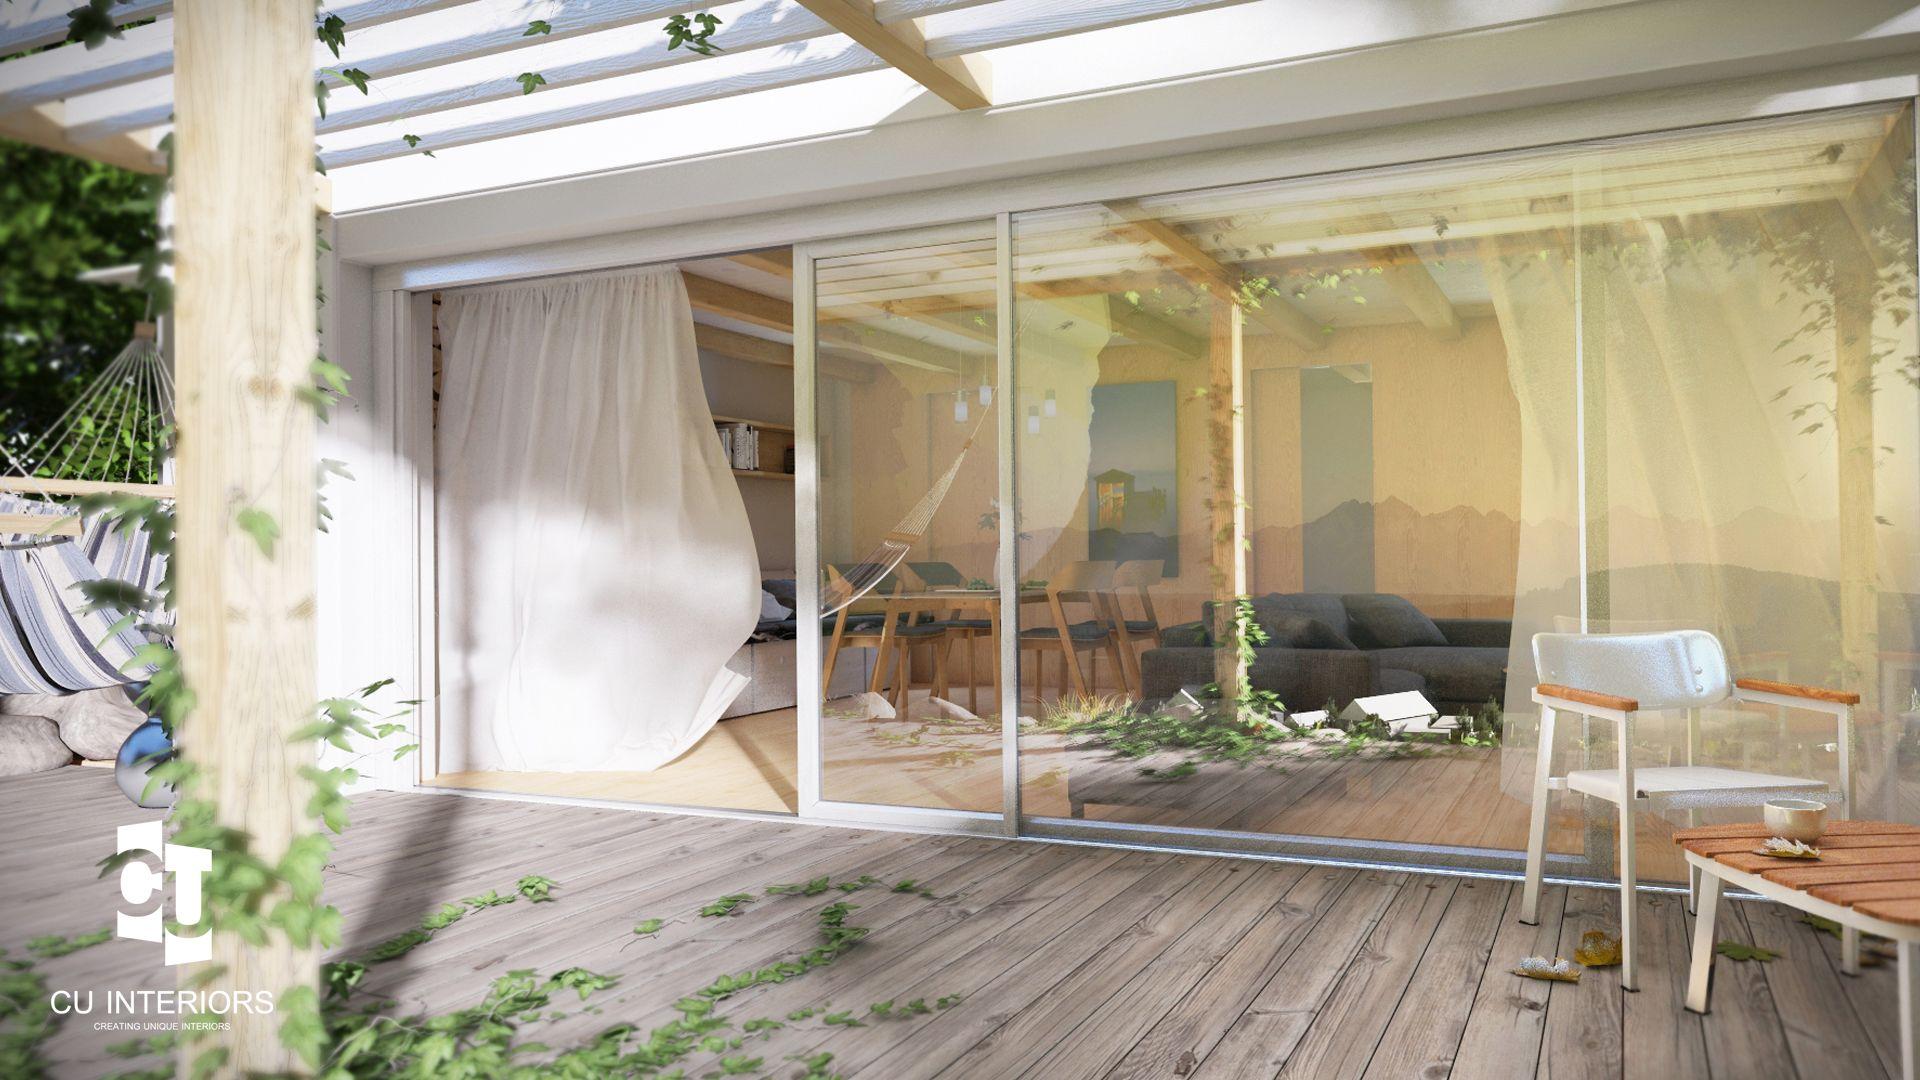 Interier design family house